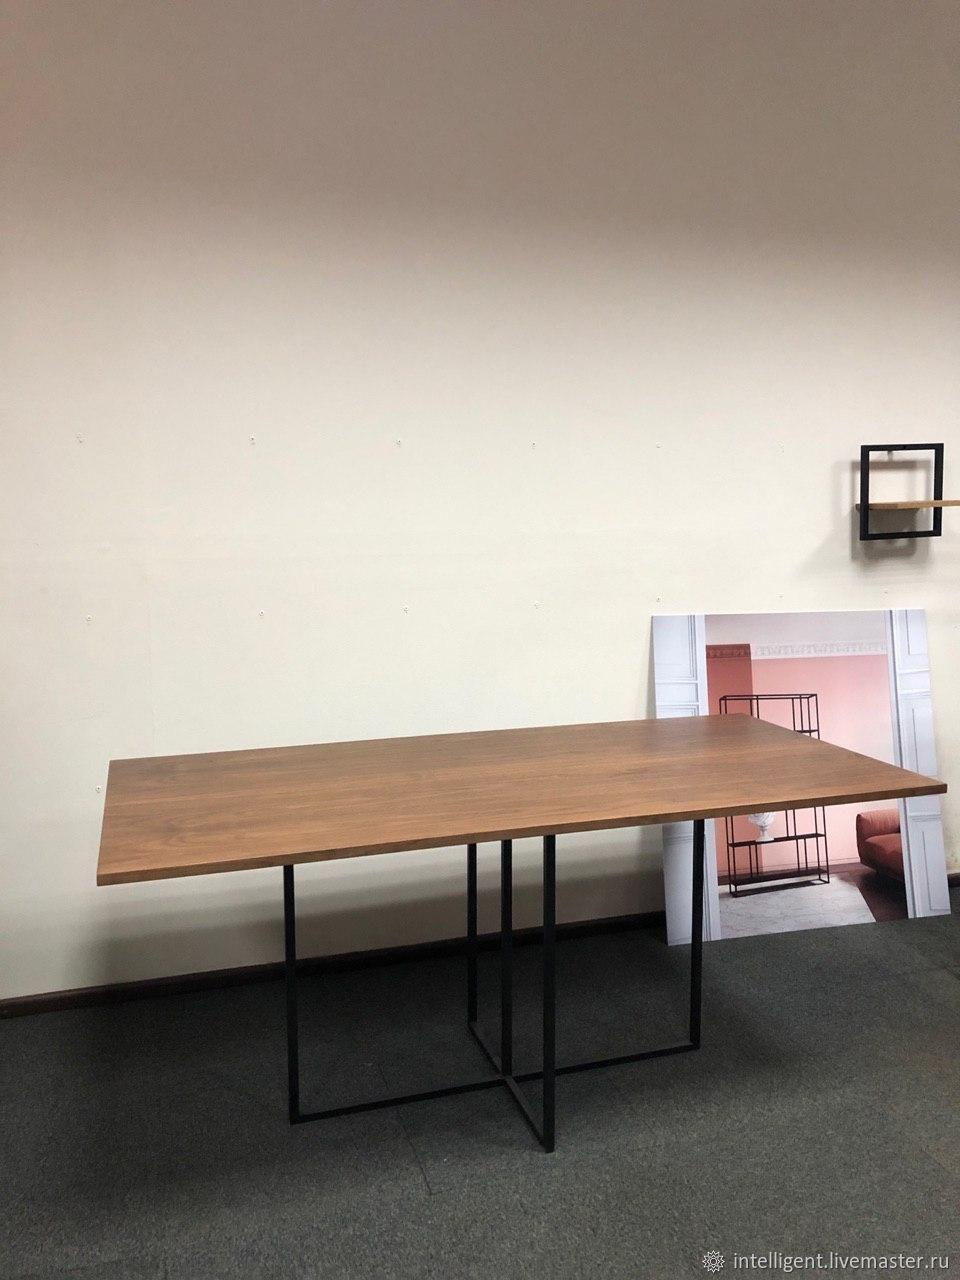 Обеденный стол Sirius black американский орех, Столы, Москва,  Фото №1